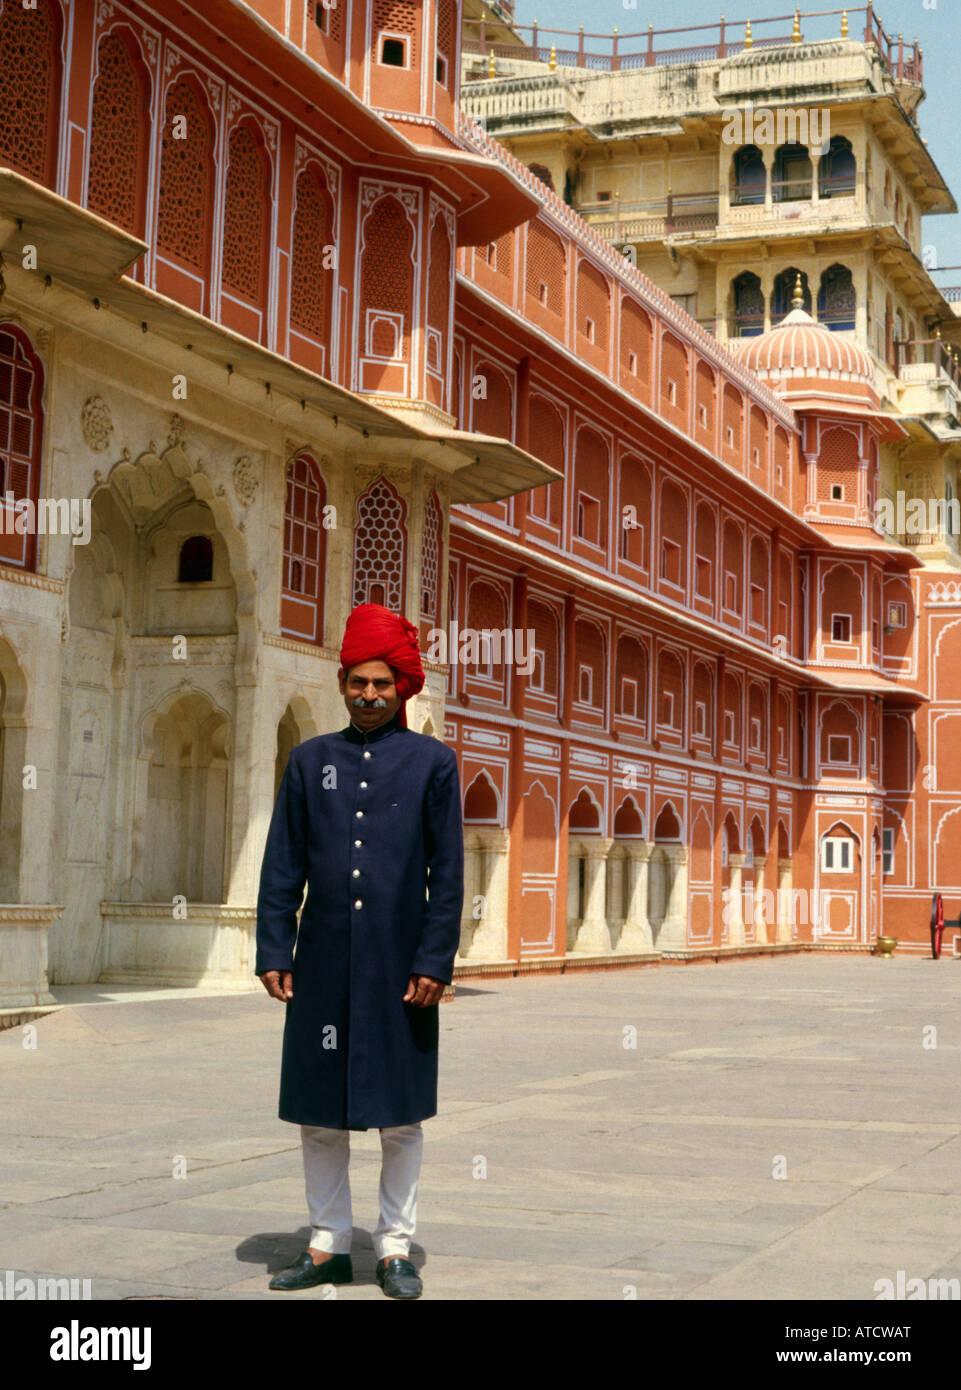 palace guard at city palace, Jaipur india Stock Photo